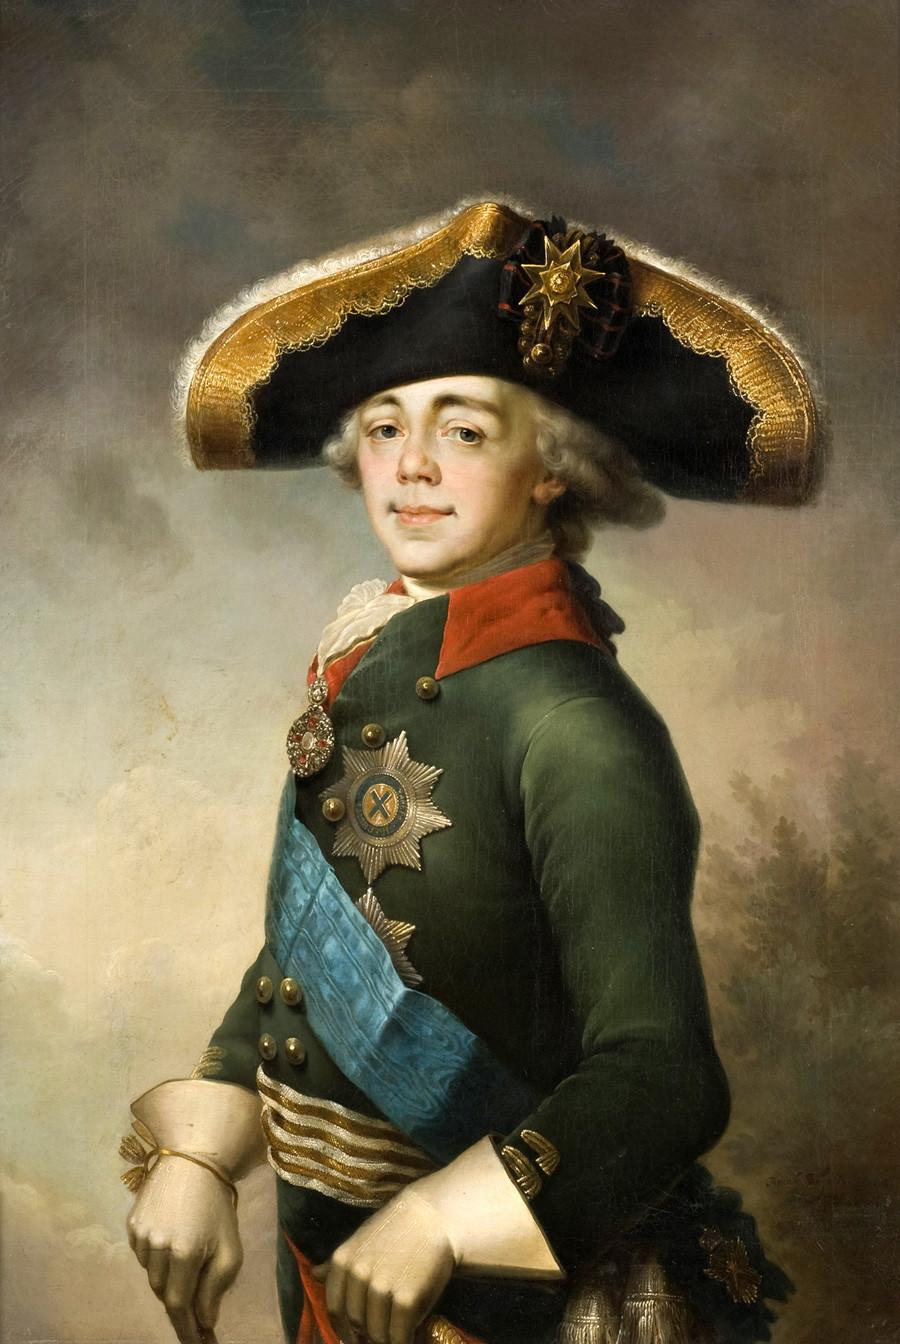 'Retrato do Imperador Paulo 1º', de Vladimir Borovikovsky